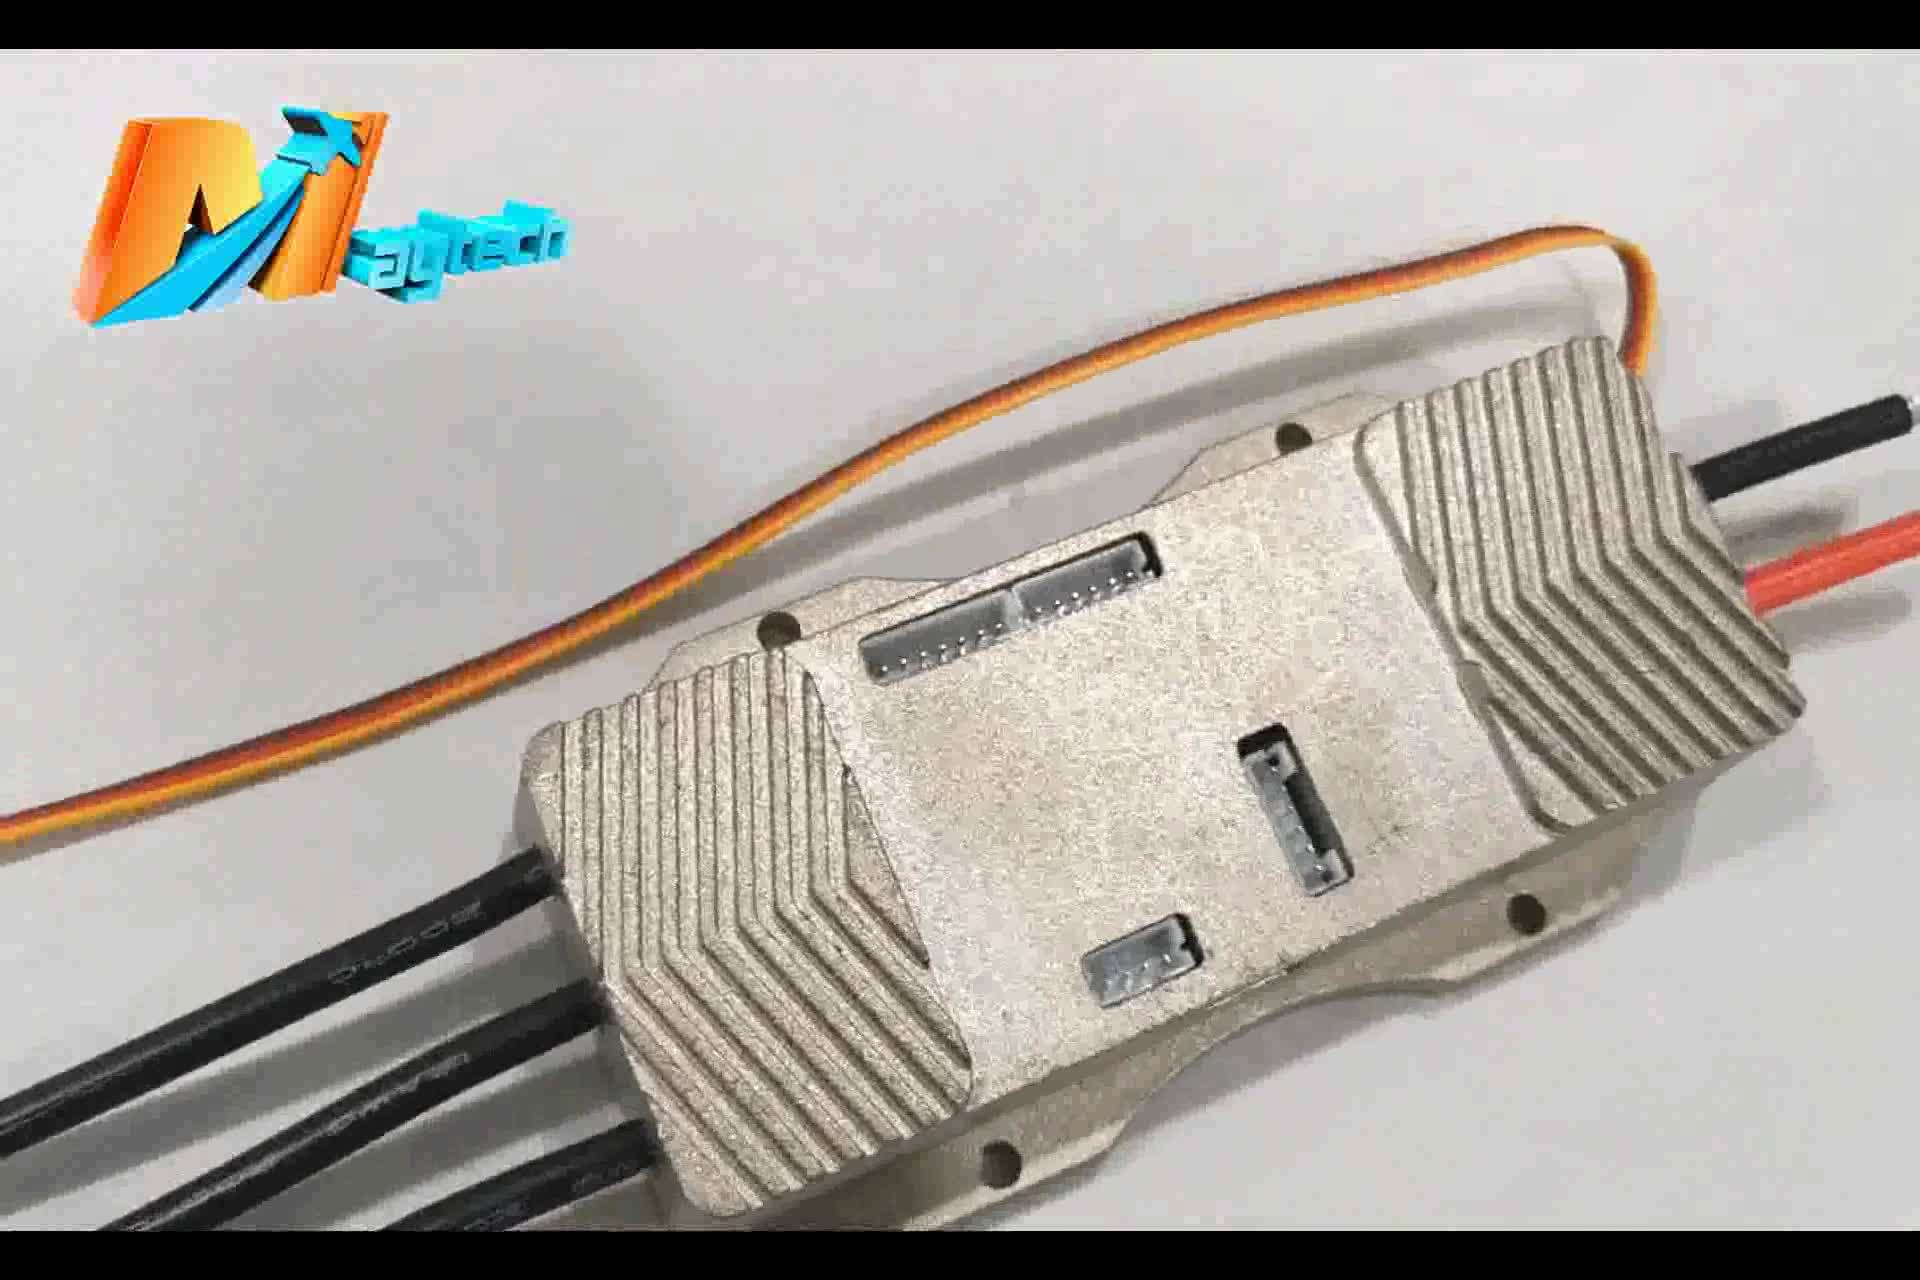 Maytech SuperFOC 6.8 esc based on VESC BLDC Speed Controller for electric skateboard motor all terrain electric skateboard